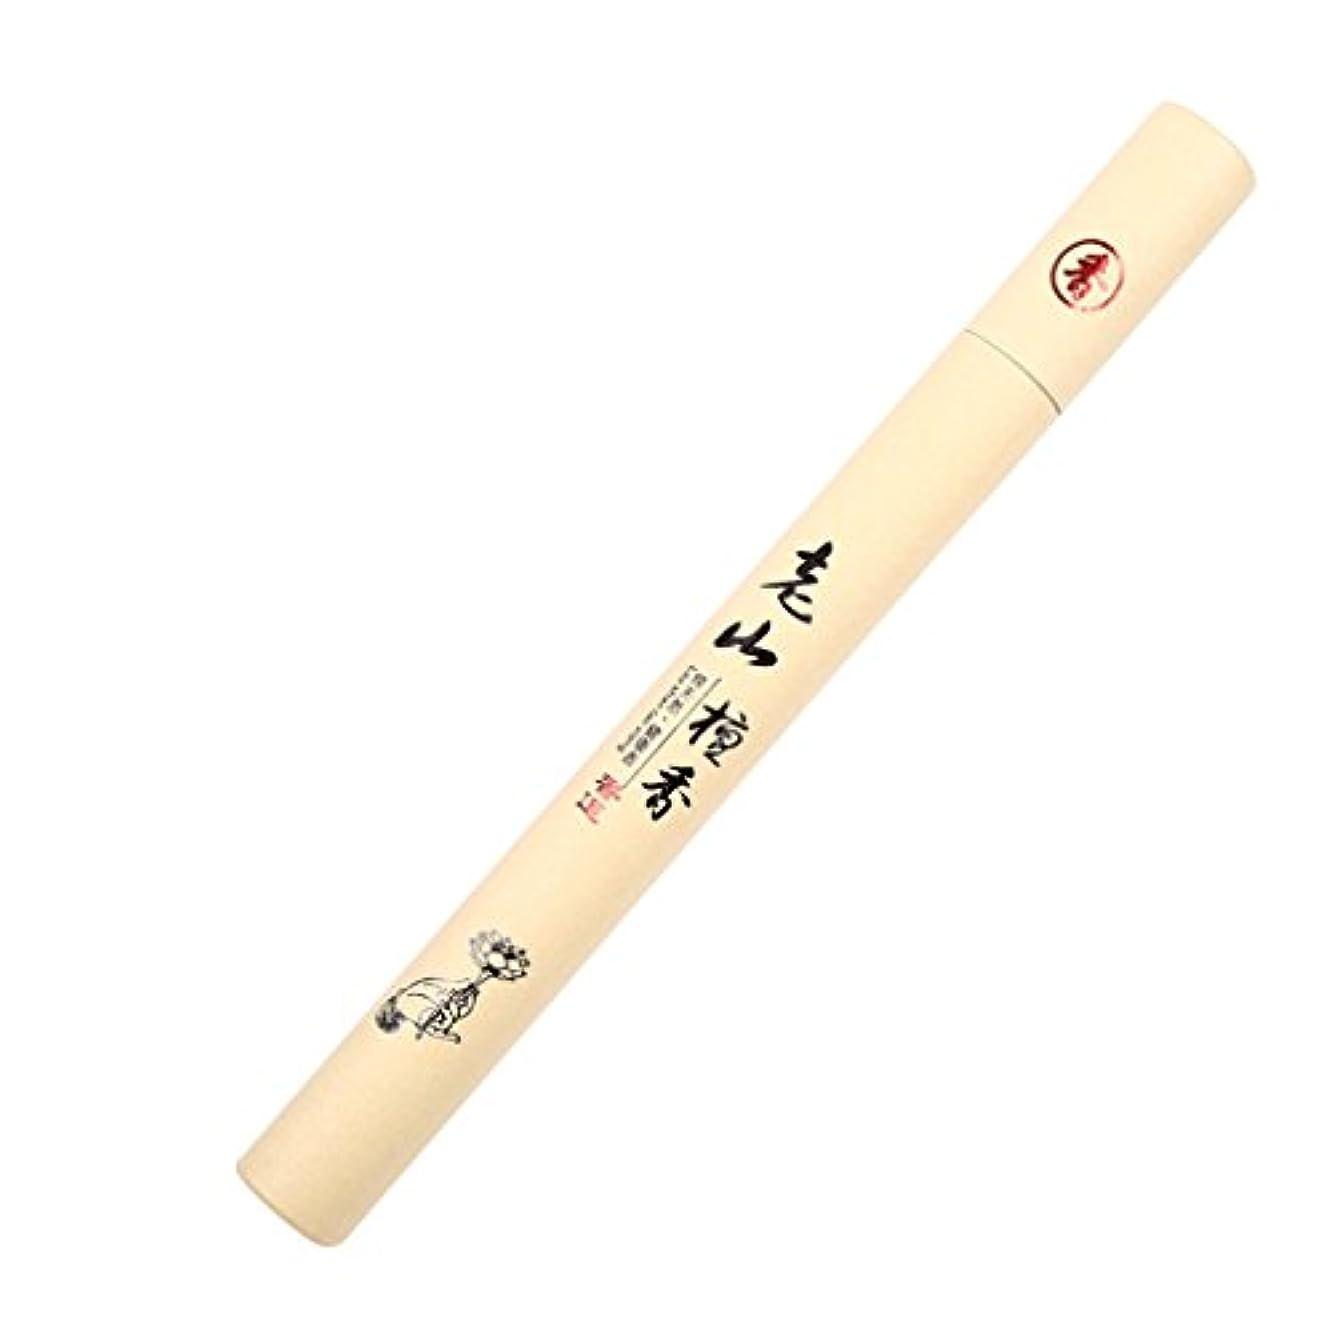 指標たくさん細断MagiDeal SticksボックスNatural SandalwoodオリエンタルブッダBuddhist AromaticラインIncense b67f38de75e110a6cae1847e5f490ace